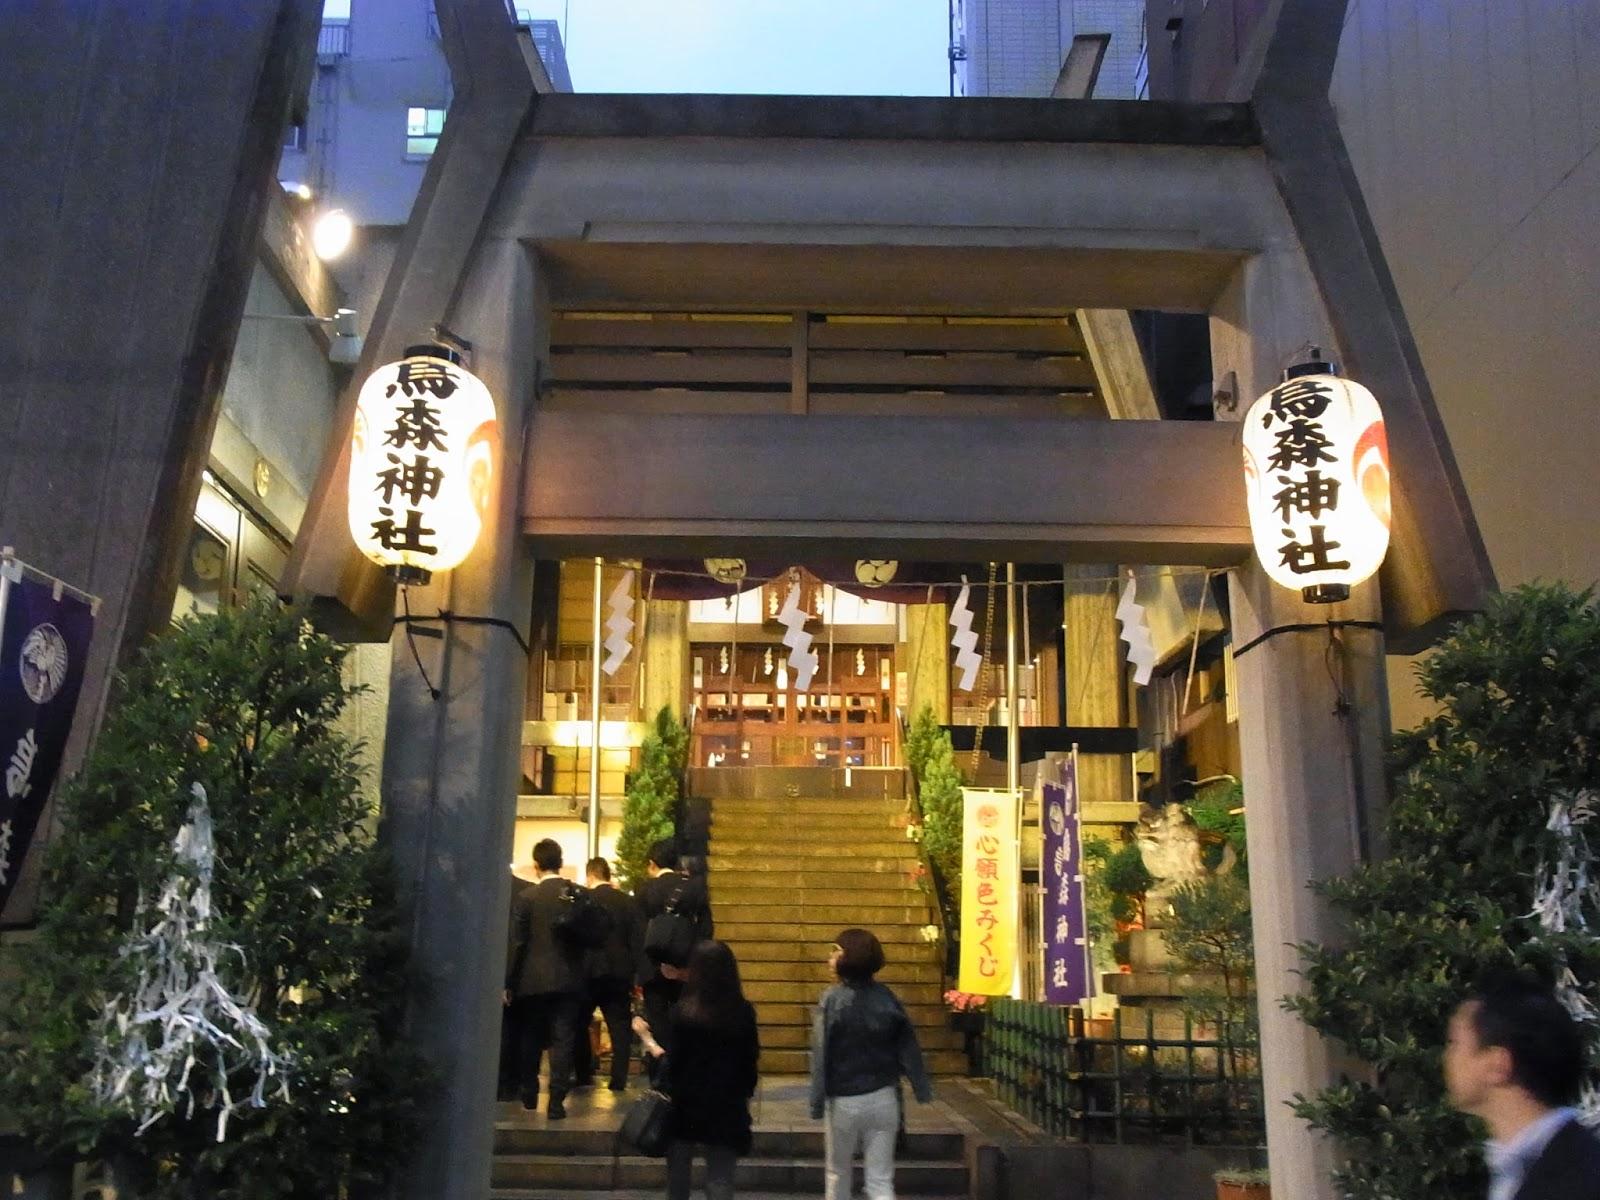 観光/東京観光/東京観光タクシー/tokyo